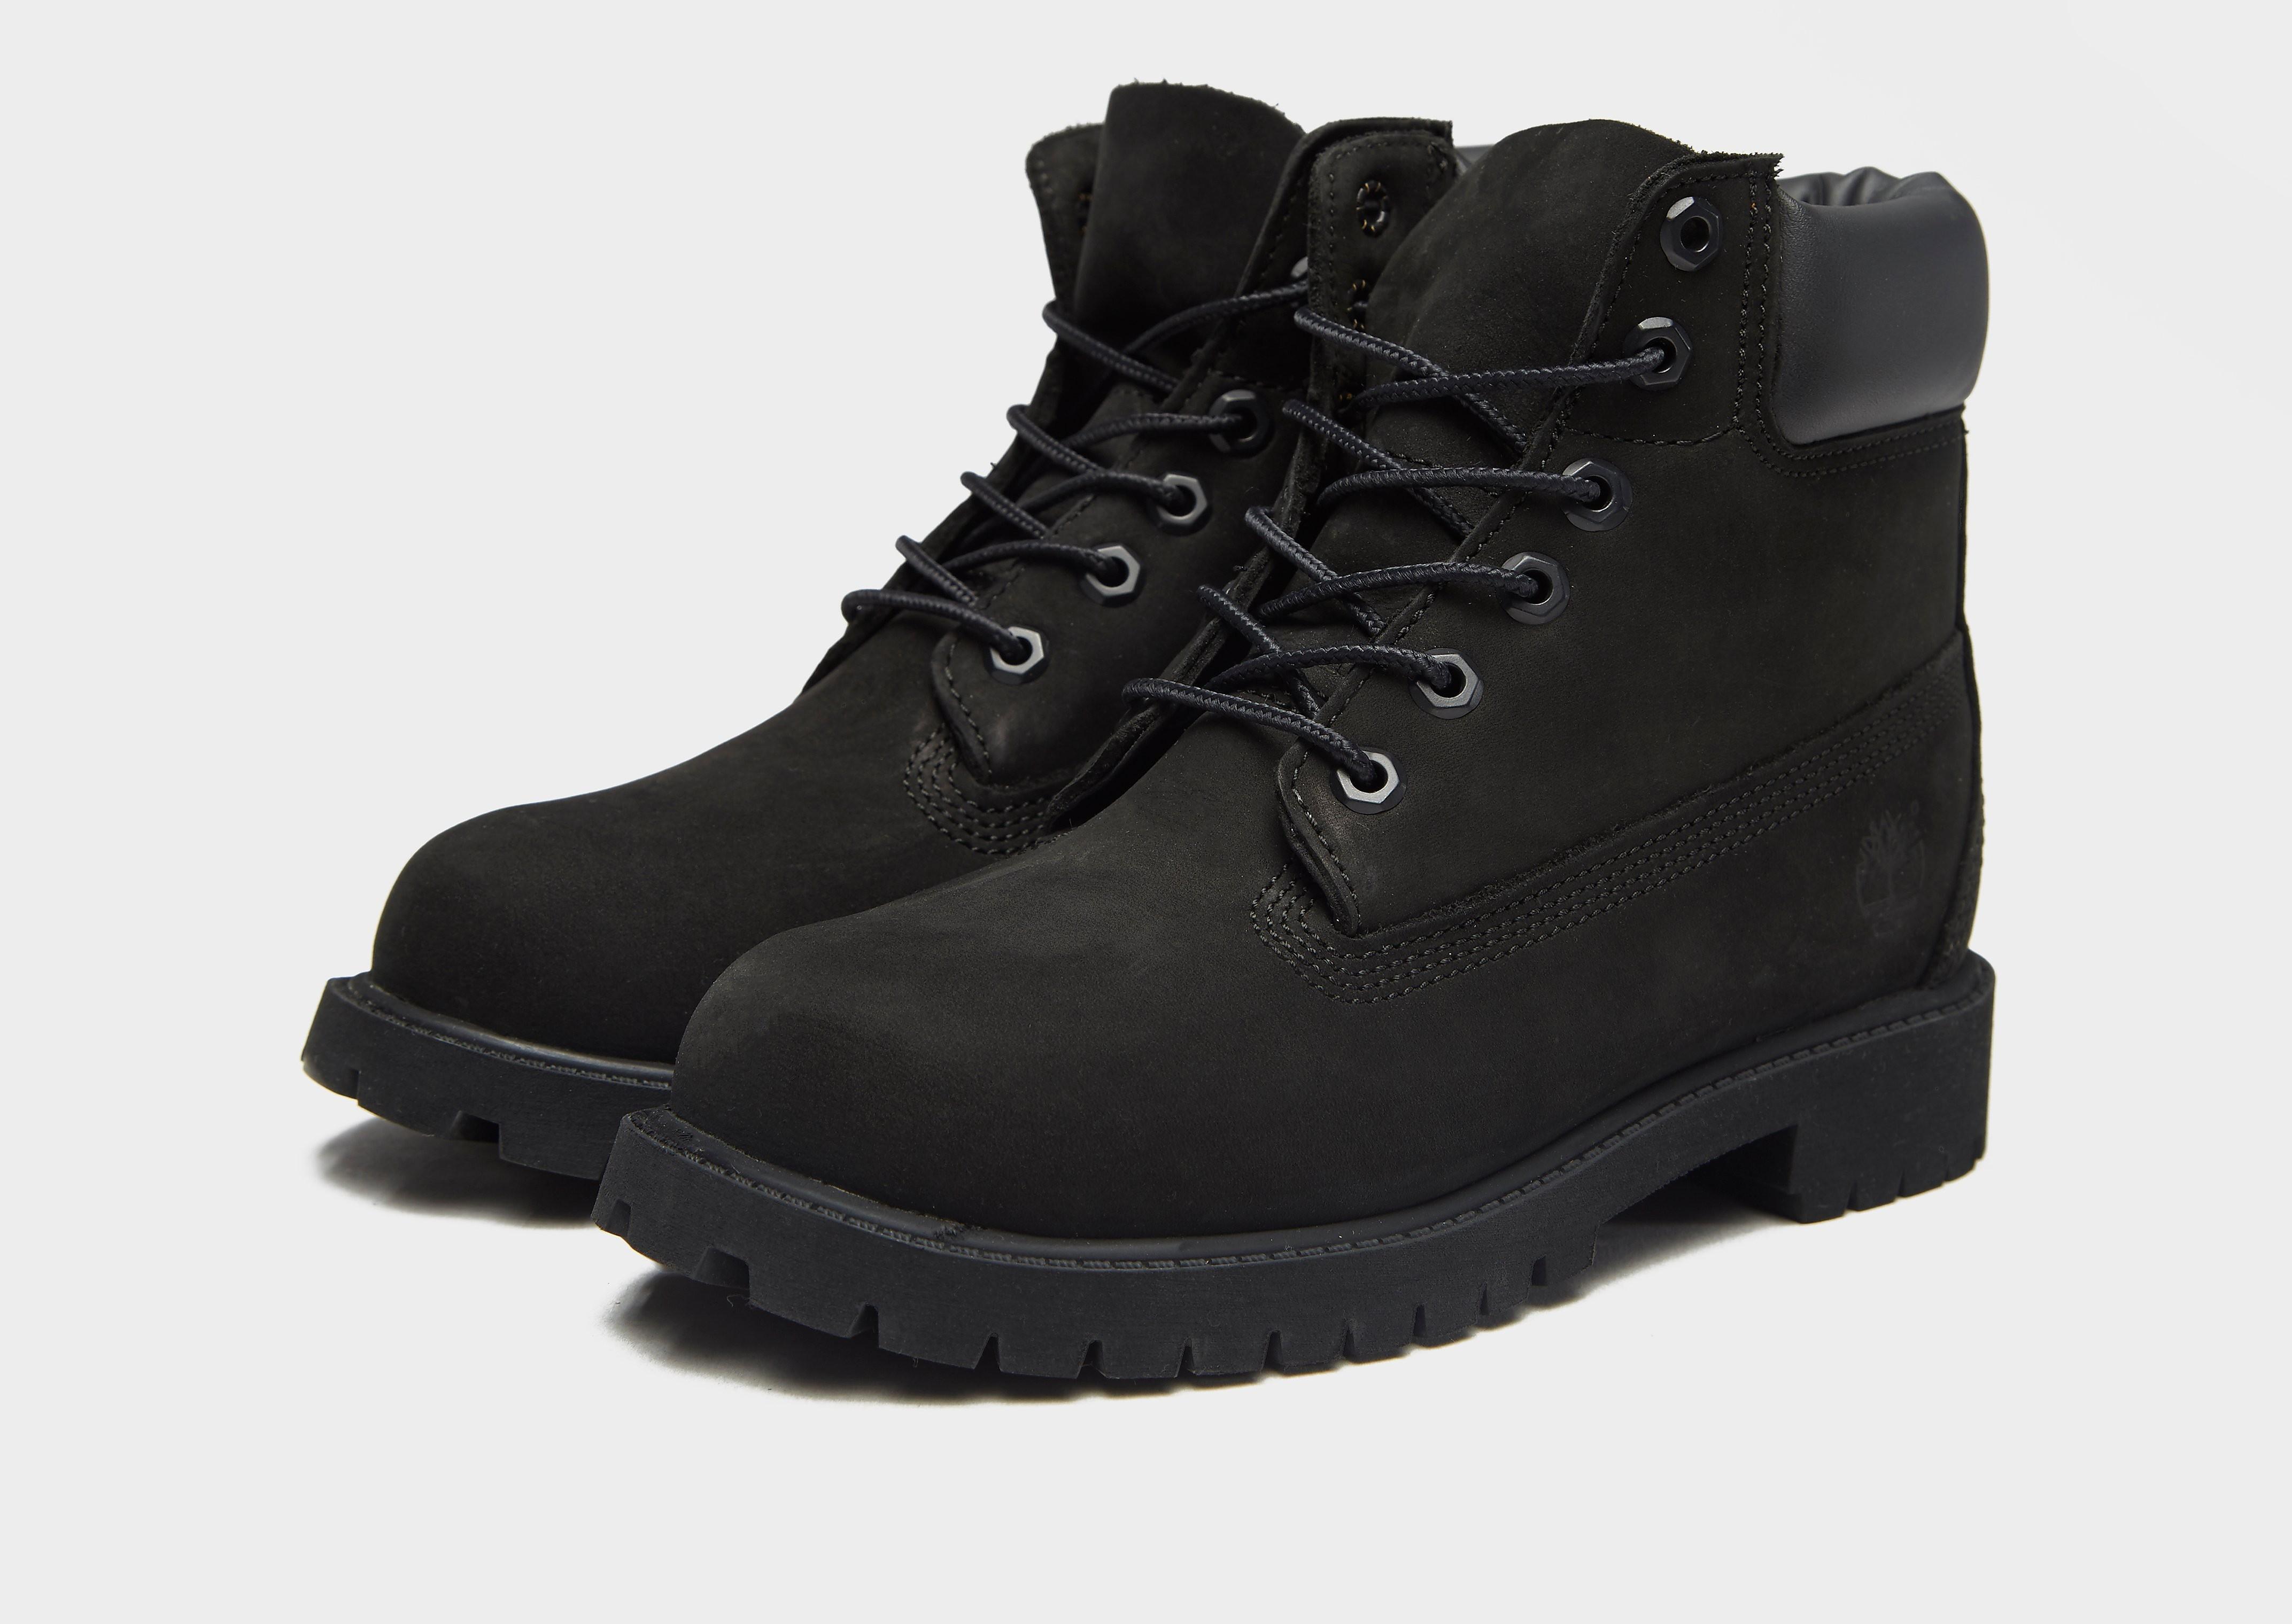 Timberland 6 Inch Premium Boot Children